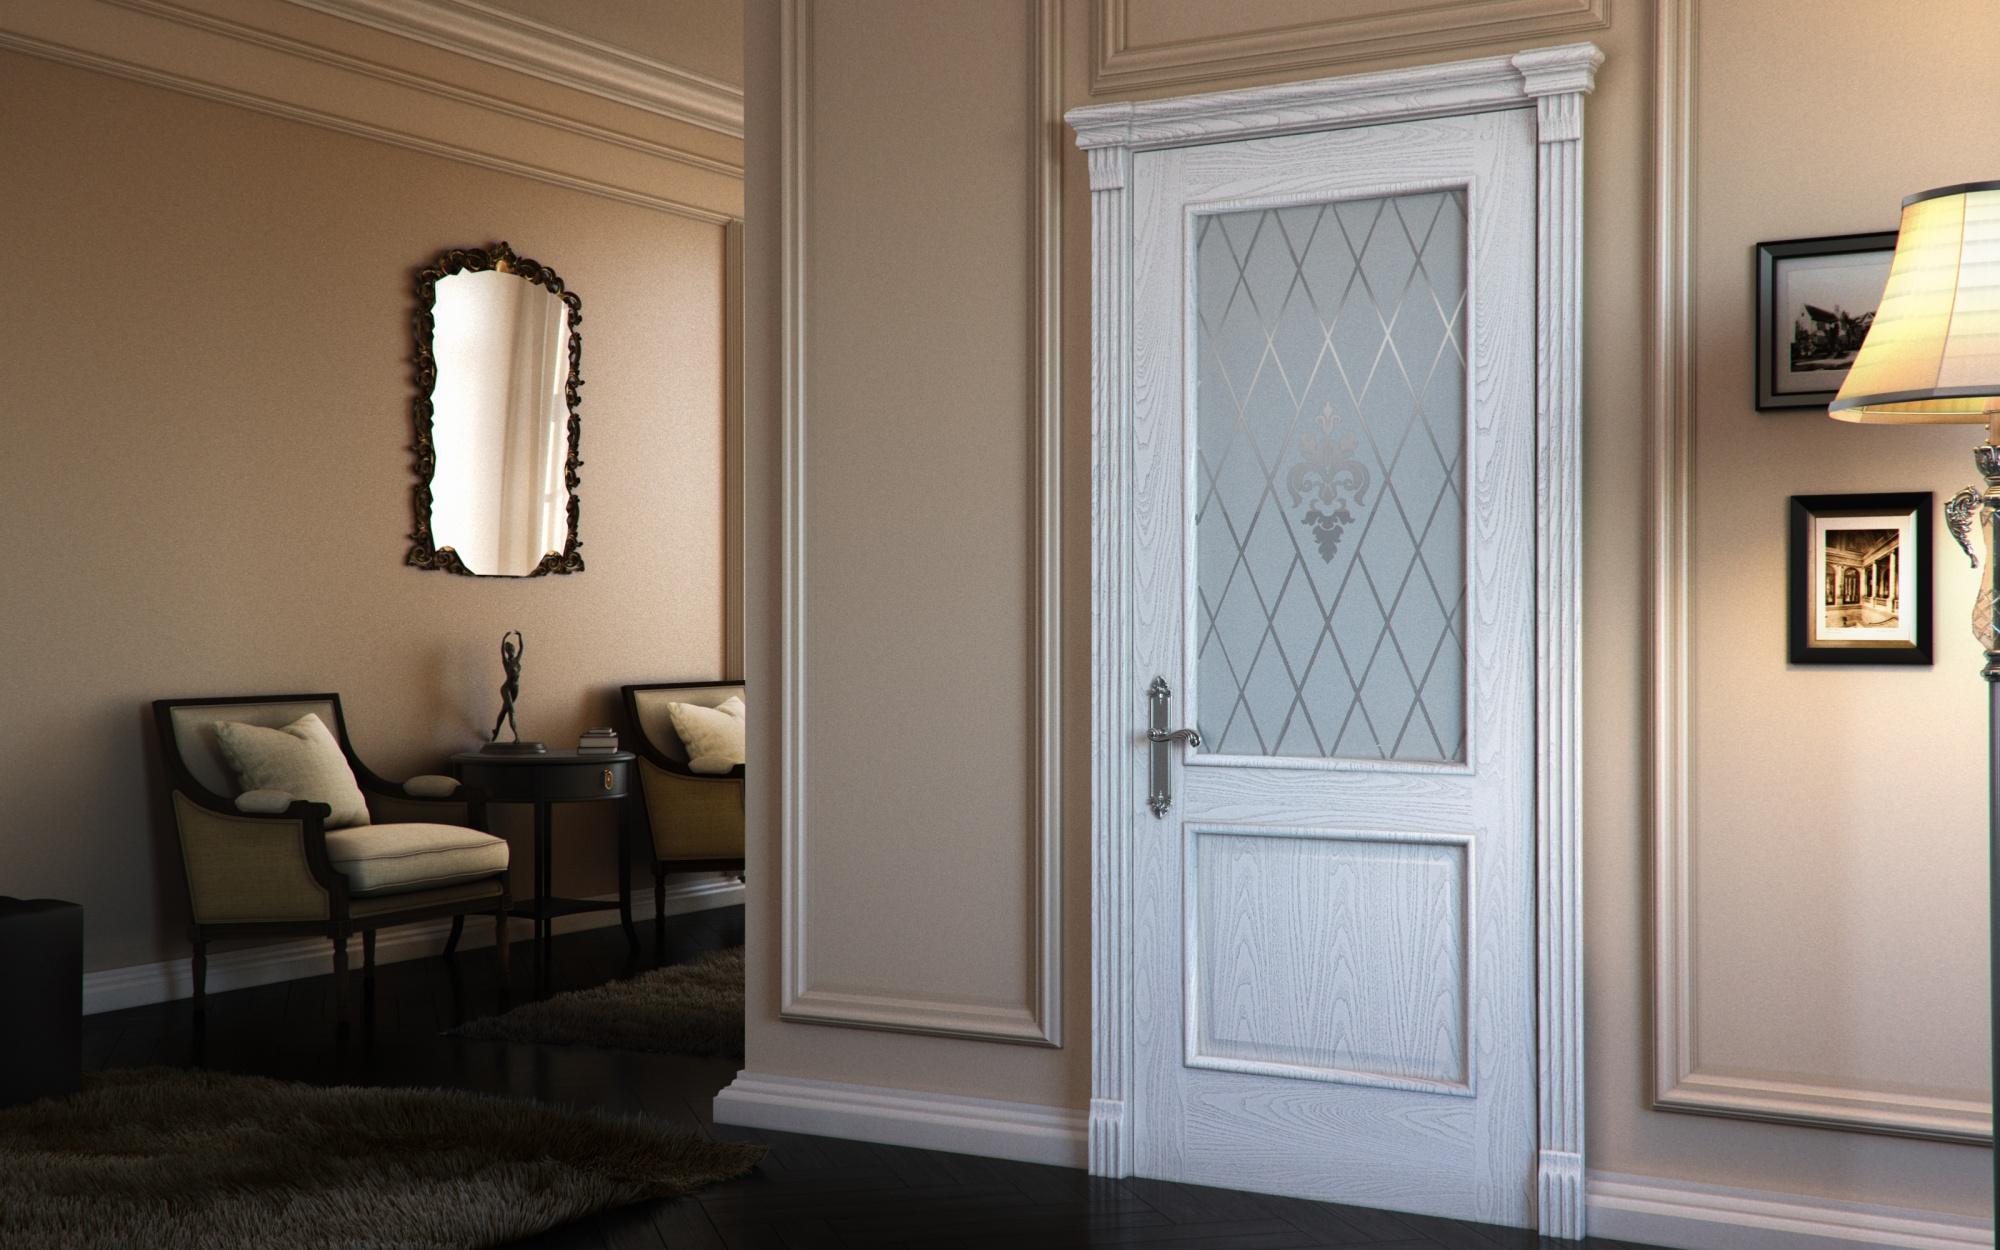 интерьер белые двери картинки обои если